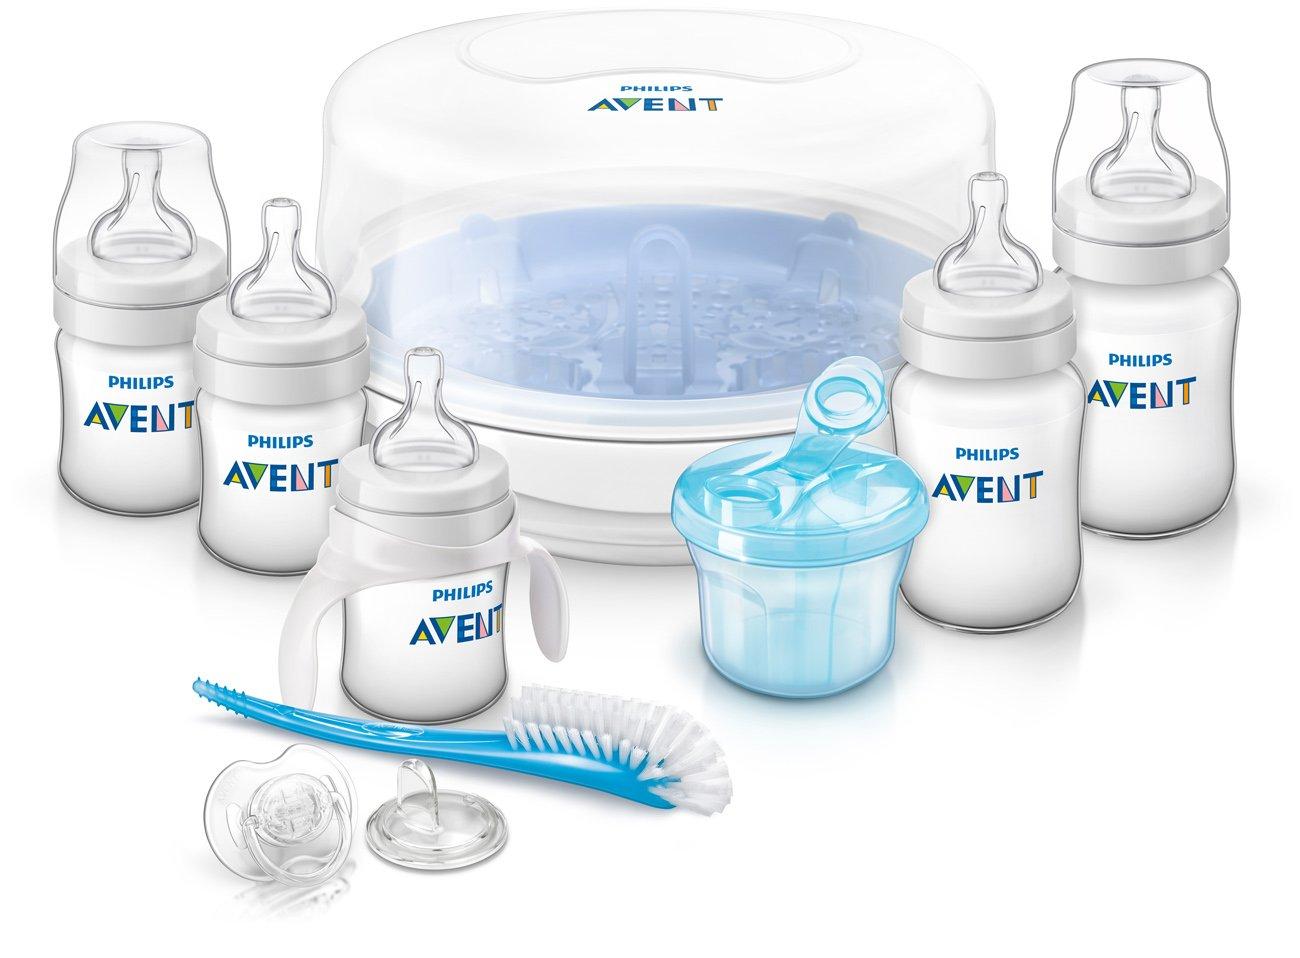 Philips AVENT Classic Plus Essentials Gift Set SCD368/01